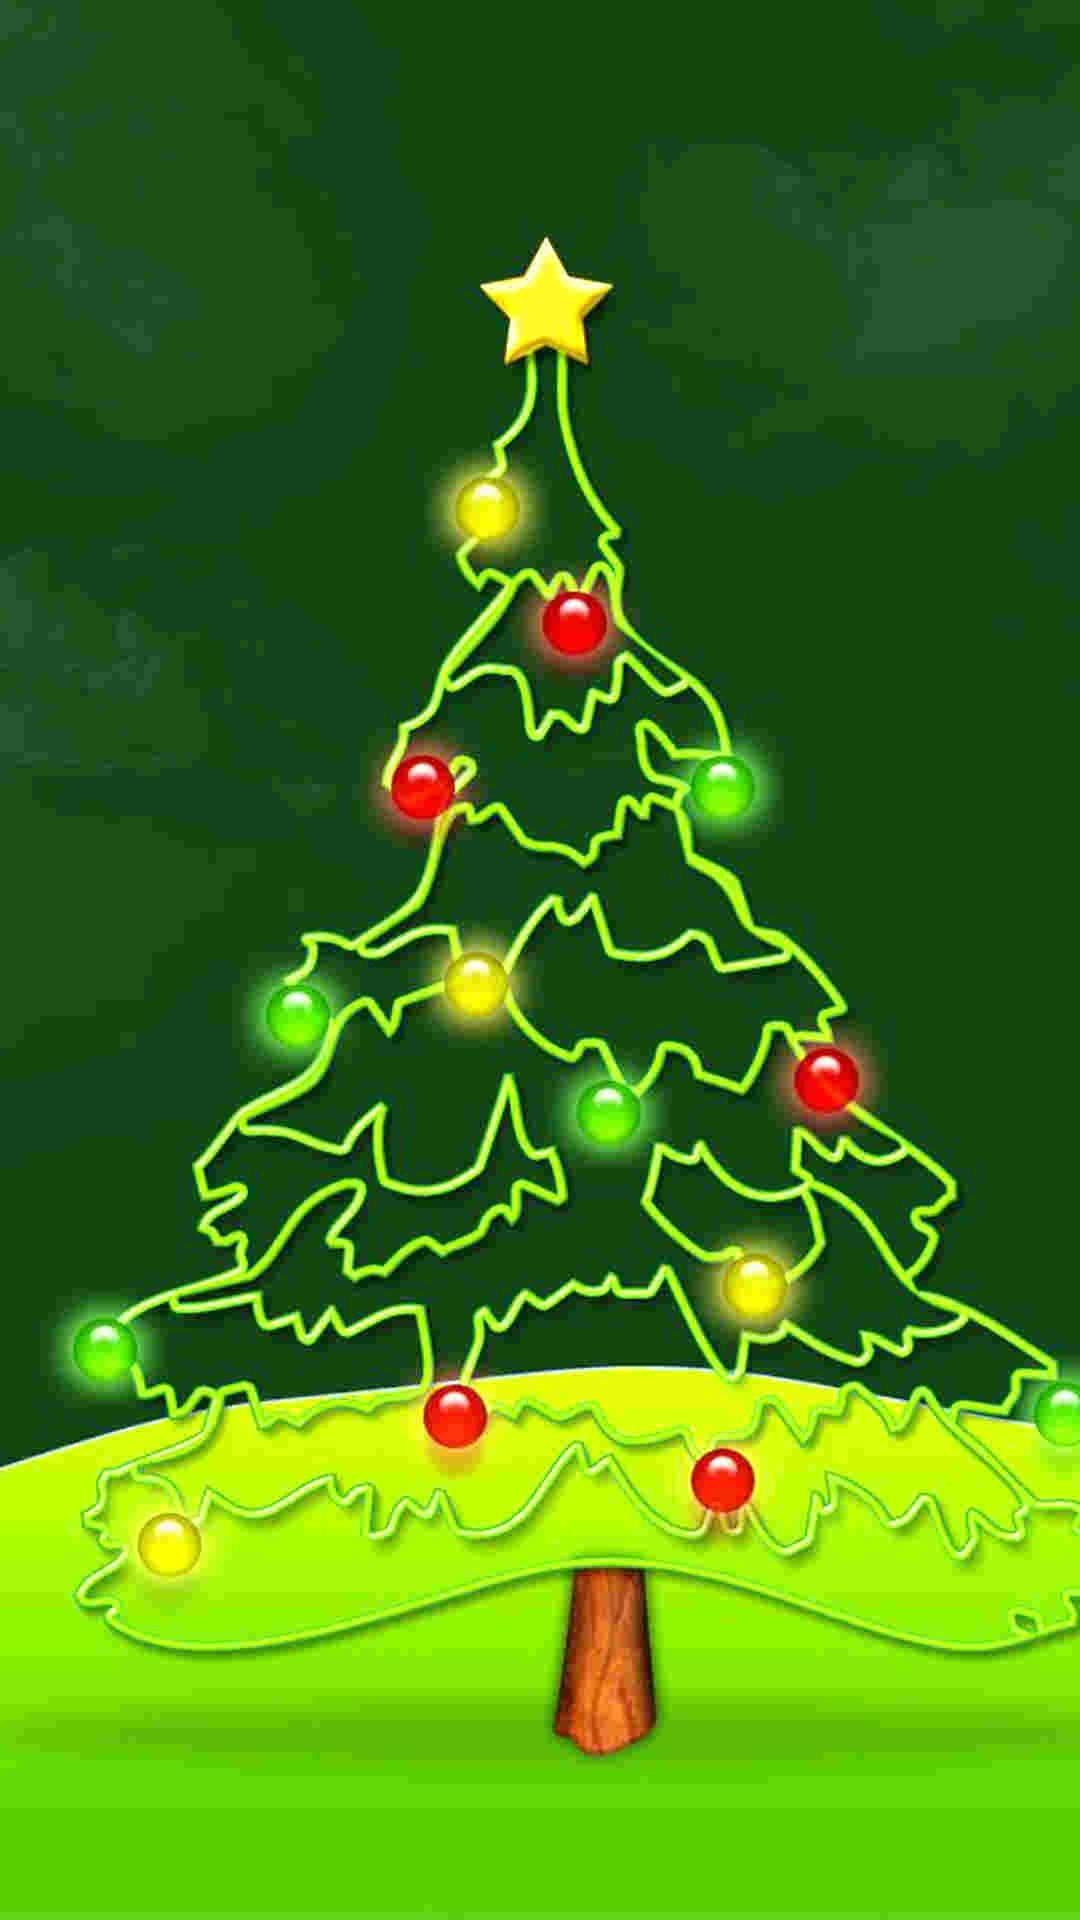 Res: 1080x1920, Animated Christmas Wallpaper Ipad Slideshow Wallpapers